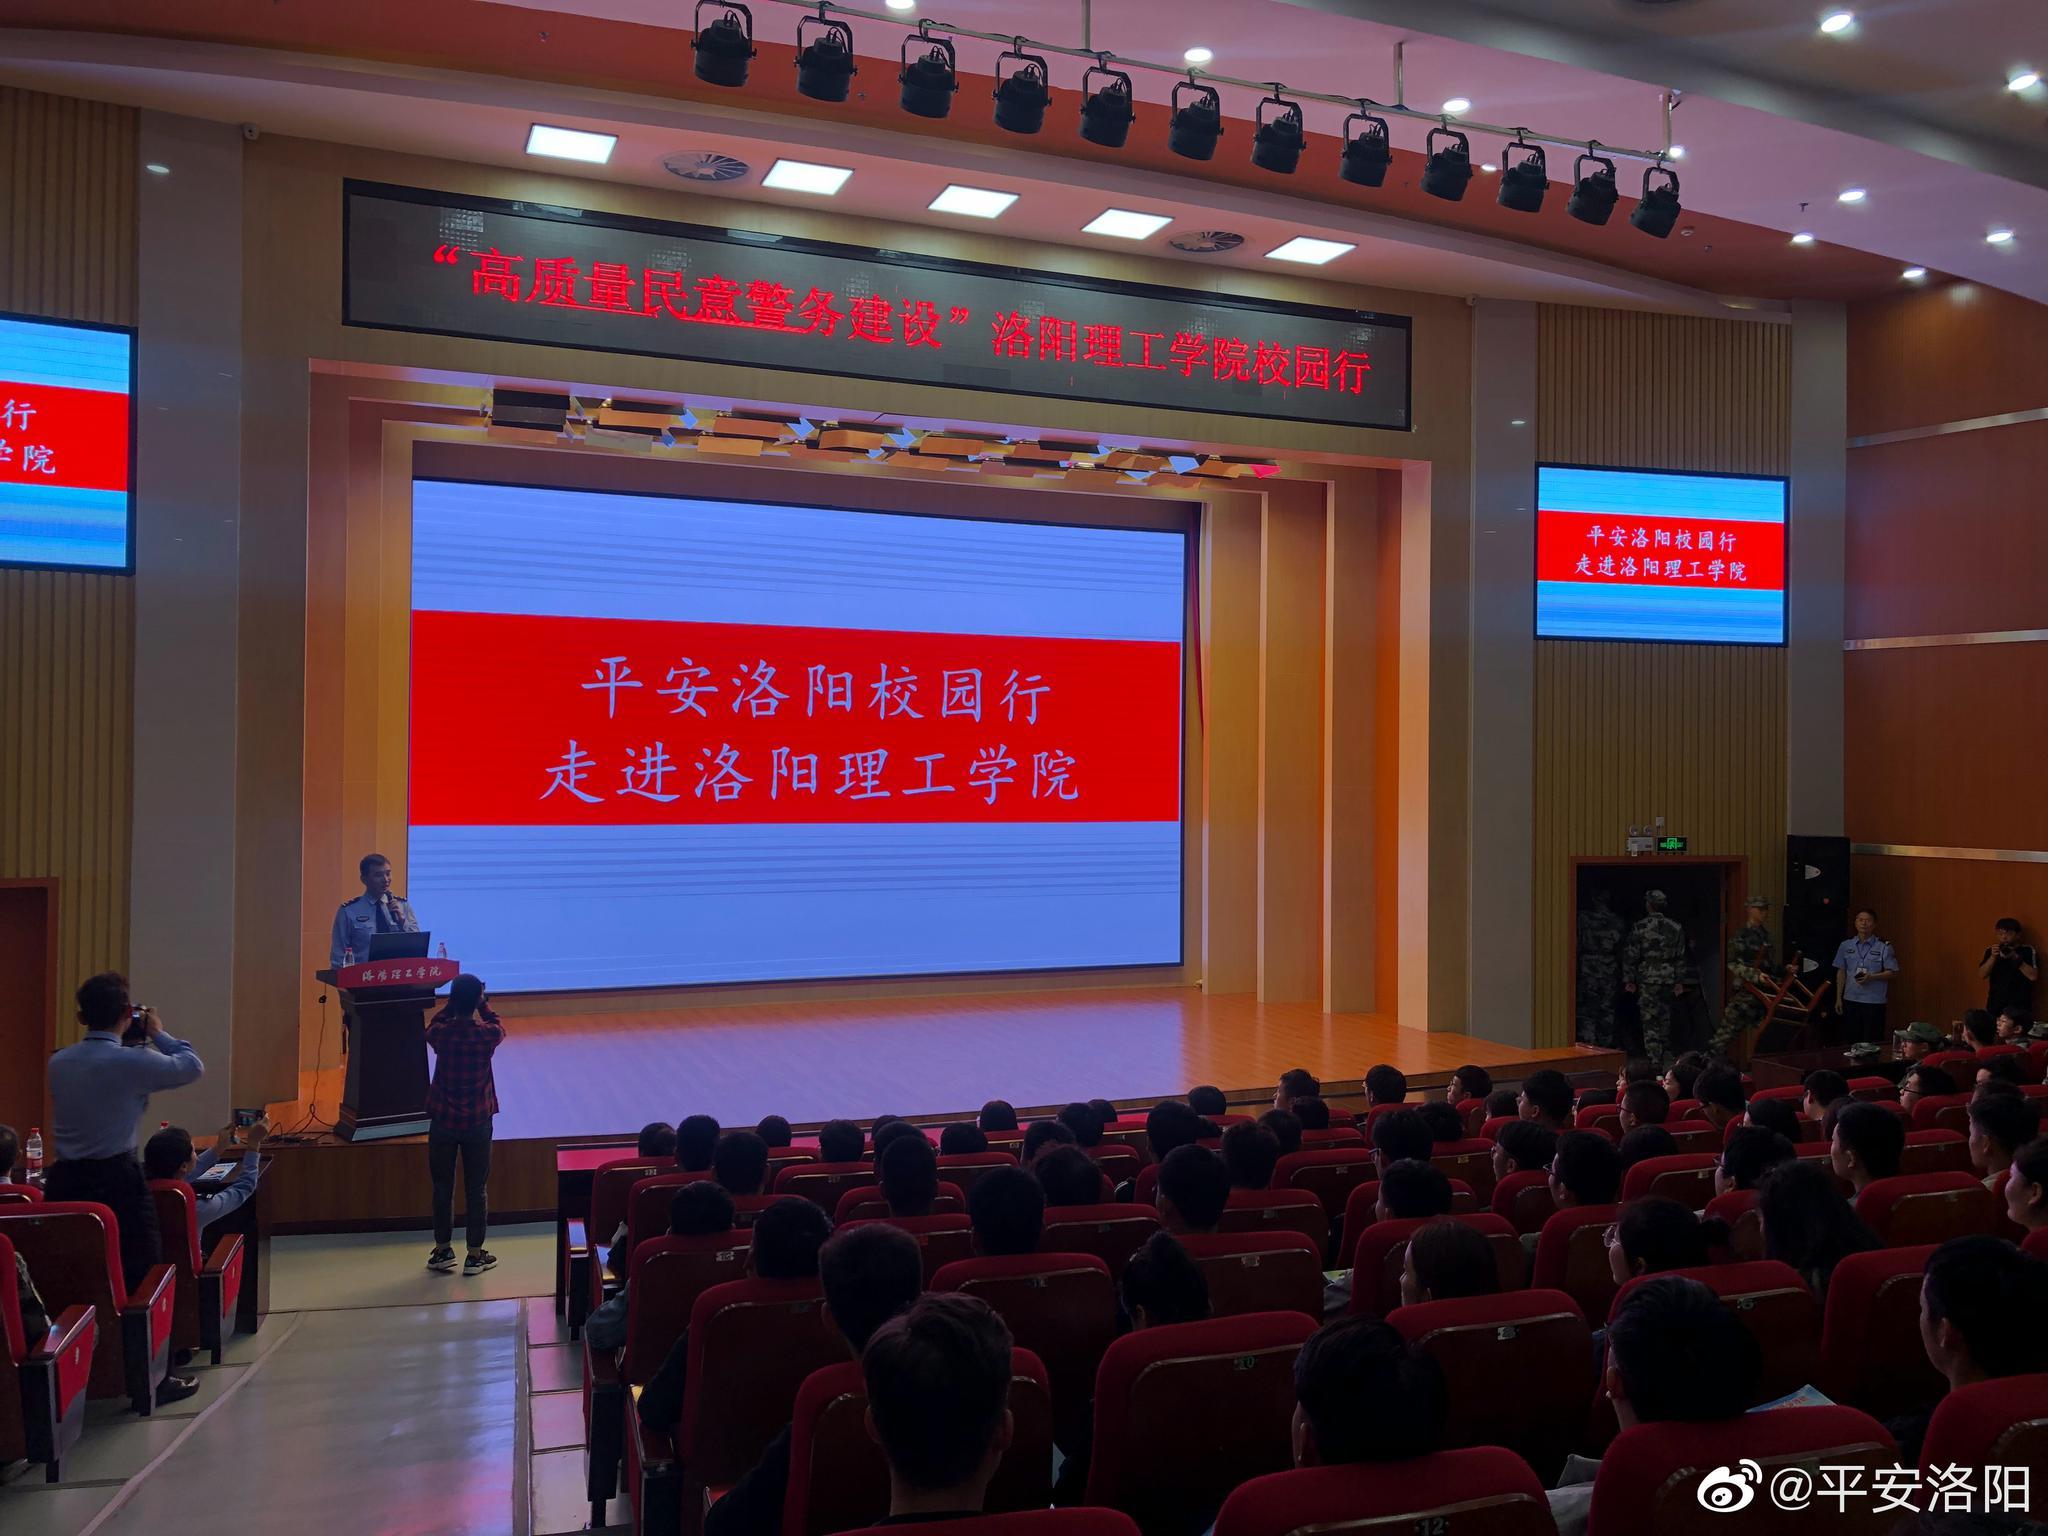 """""""高质量民意警务建设""""平安洛阳洛阳理工学院行"""